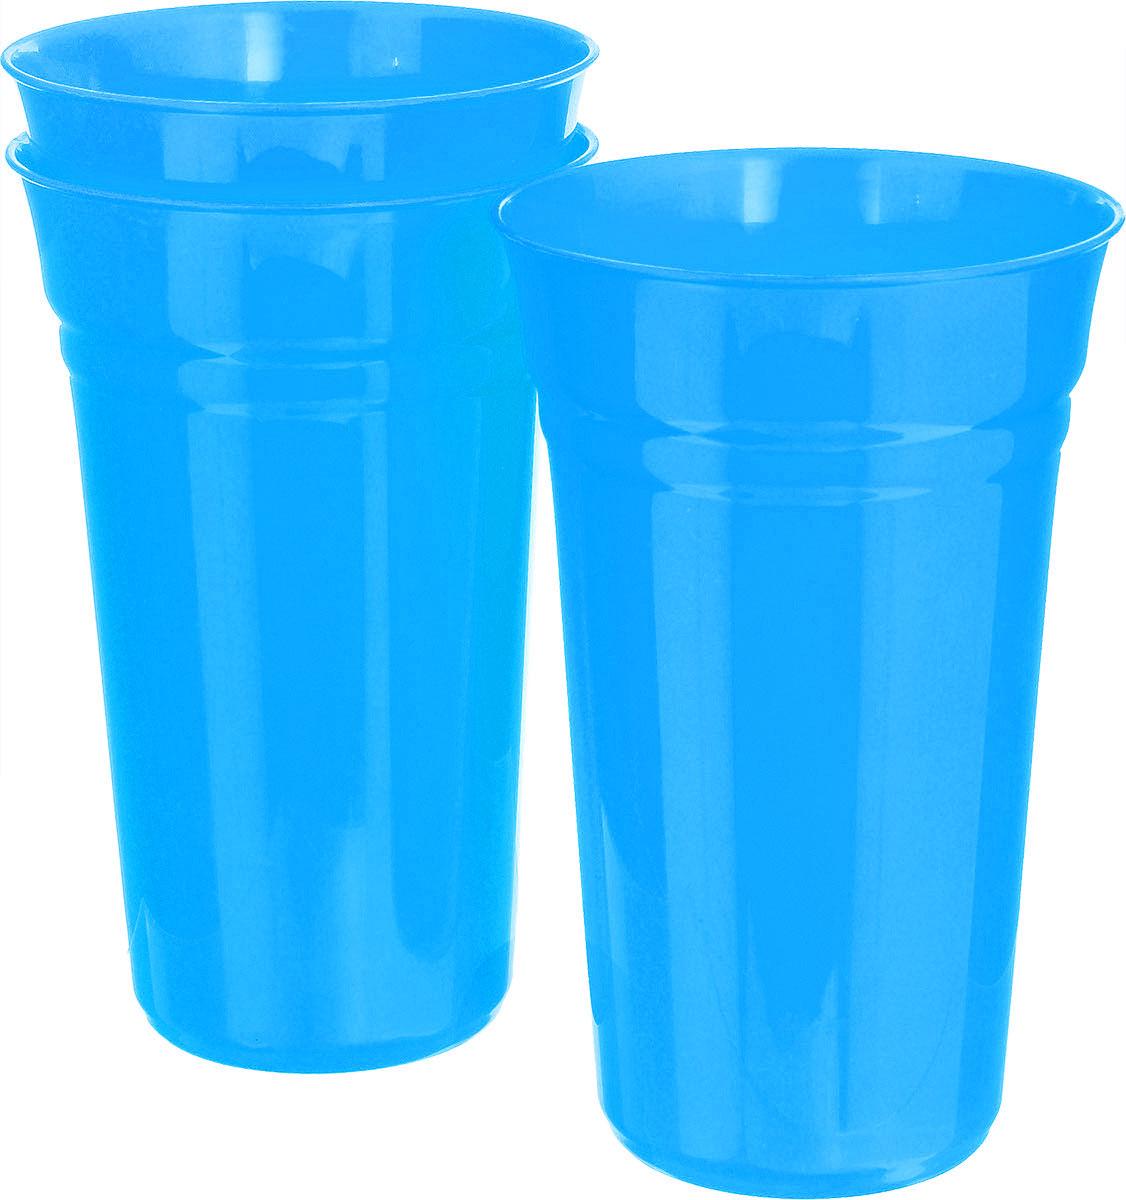 Набор стаканов Berossi Patio, цвет: голубой, 800 мл, 3 штИК12947000Набор Berossi Patio состоит из 3 стаканов, выполненных из прочного высококачественного пластика. Изделия предназначены для воды, сока и других напитков. Стильный и яркий дизайн прекрасно впишется в интерьер современной кухни. Набор Berossi Patio можно использовать дома, на даче или на пикнике. Диаметр стакана (по верхнему краю): 10 см. Высота стакана: 16 см. Диаметр основания: 6 см.